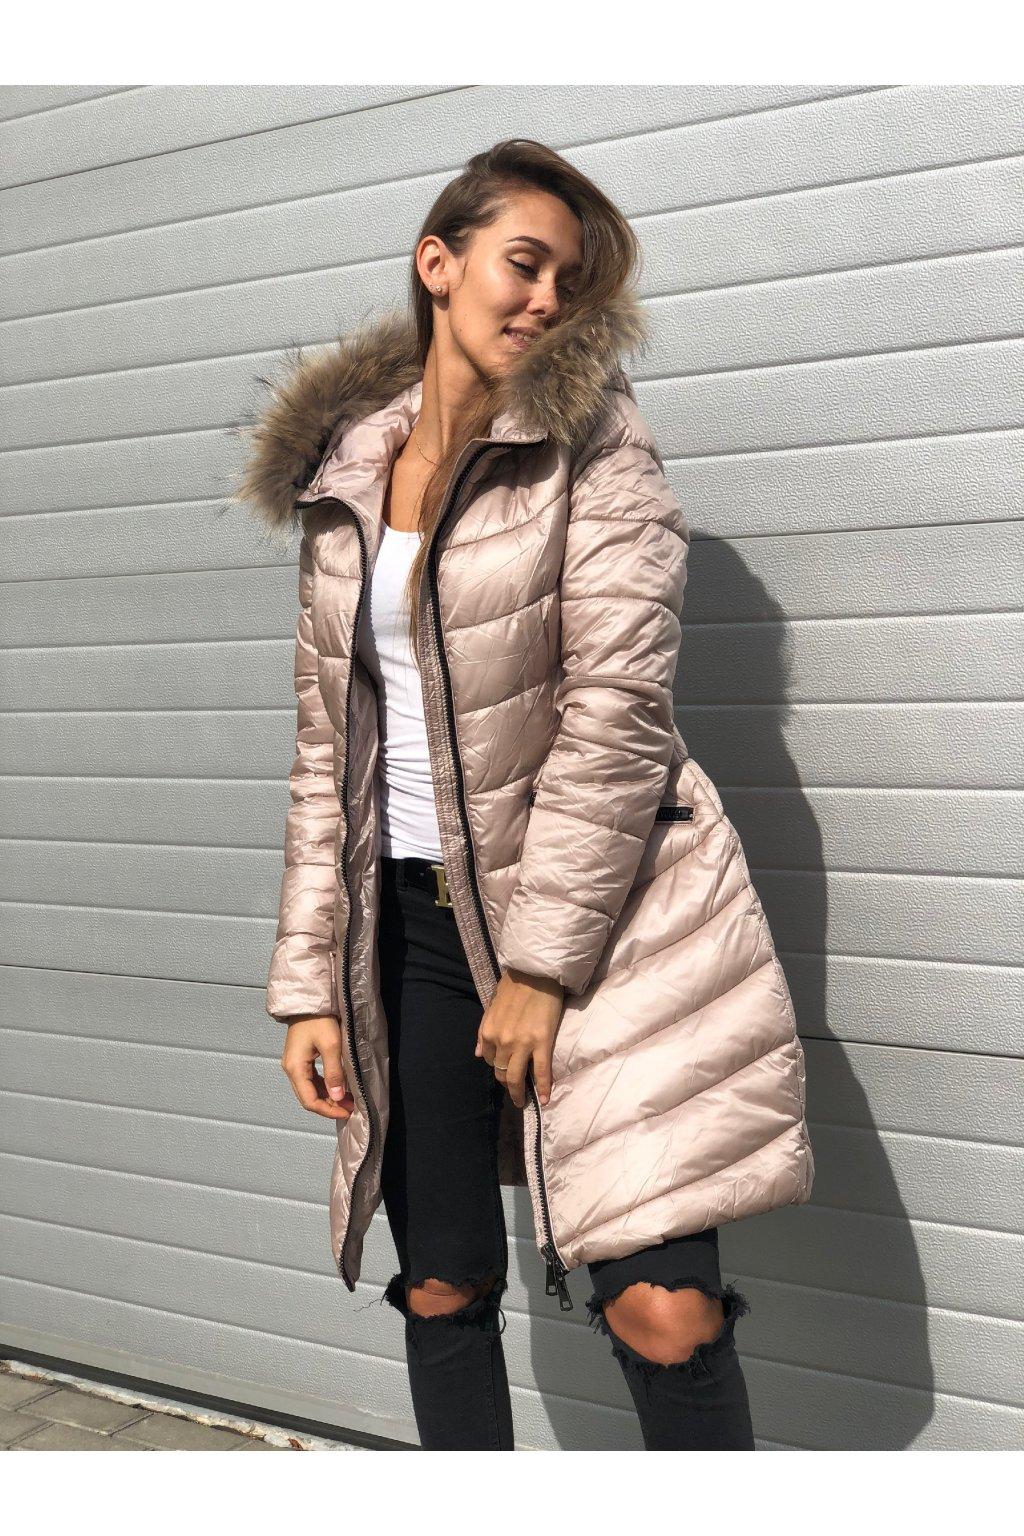 damska bunda furry beige pink eshopat cz 3